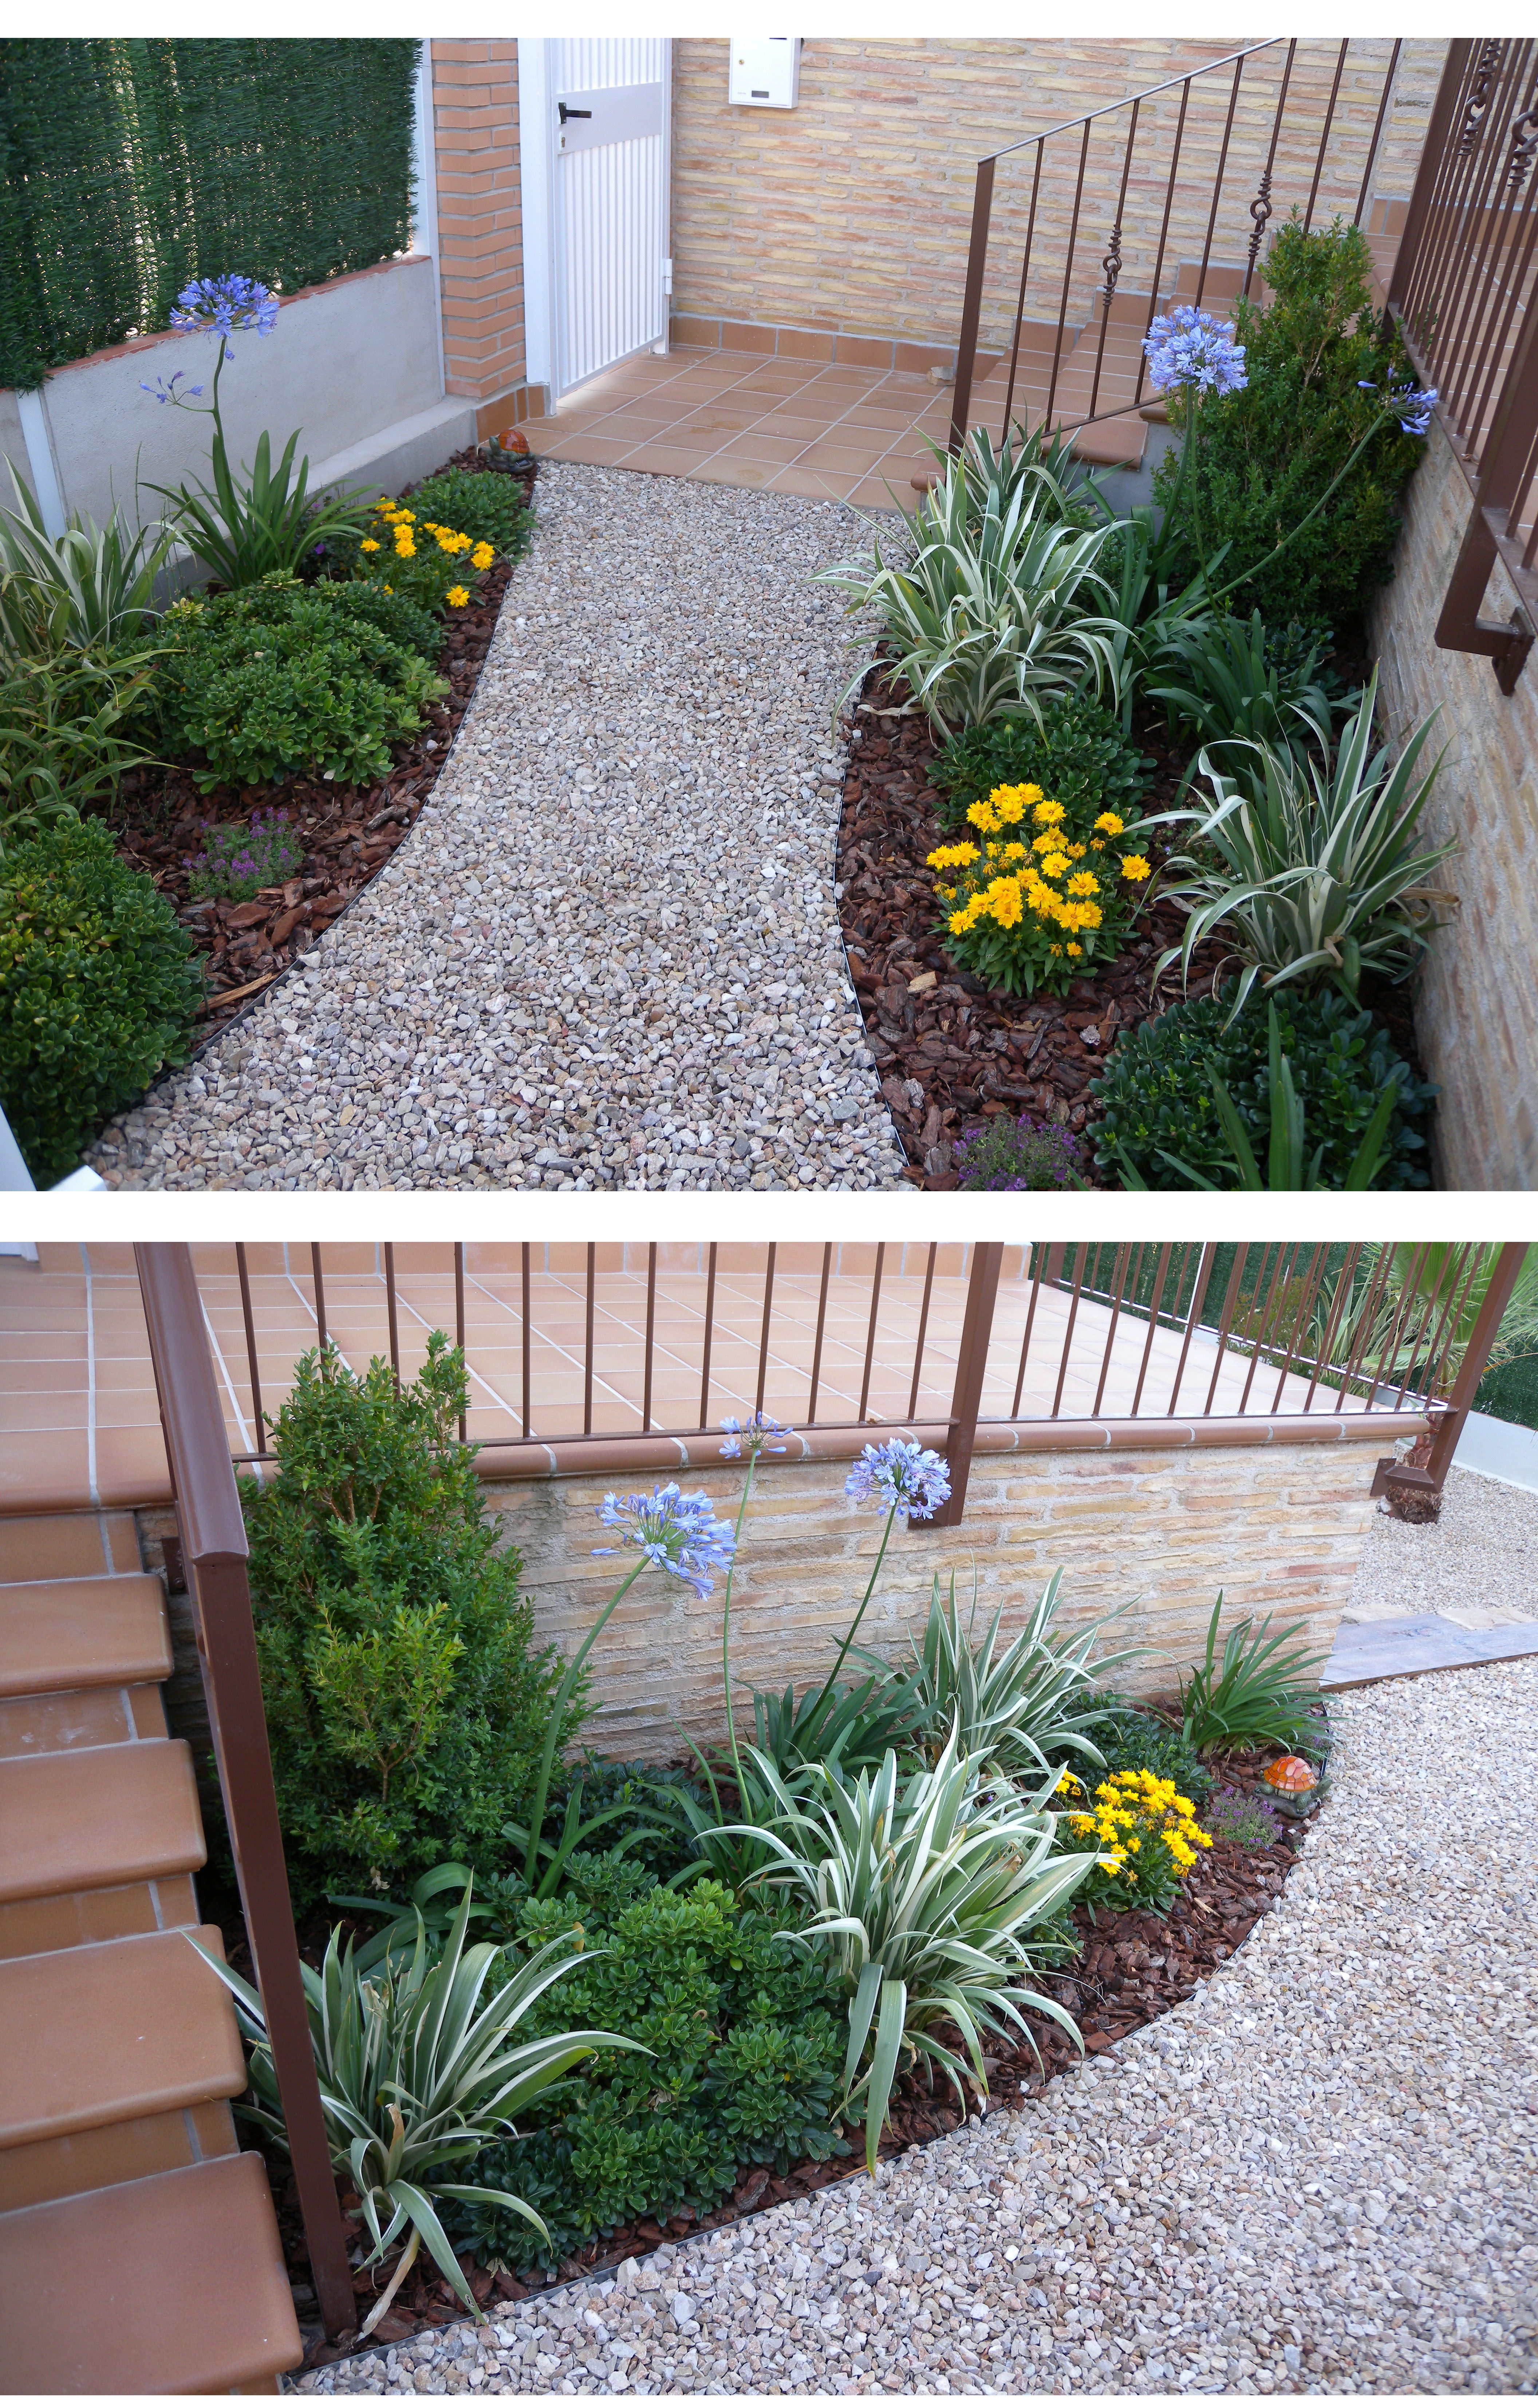 jard n particular acotado de espacios y plantaci n On idea de plantacion de jardin pequeno